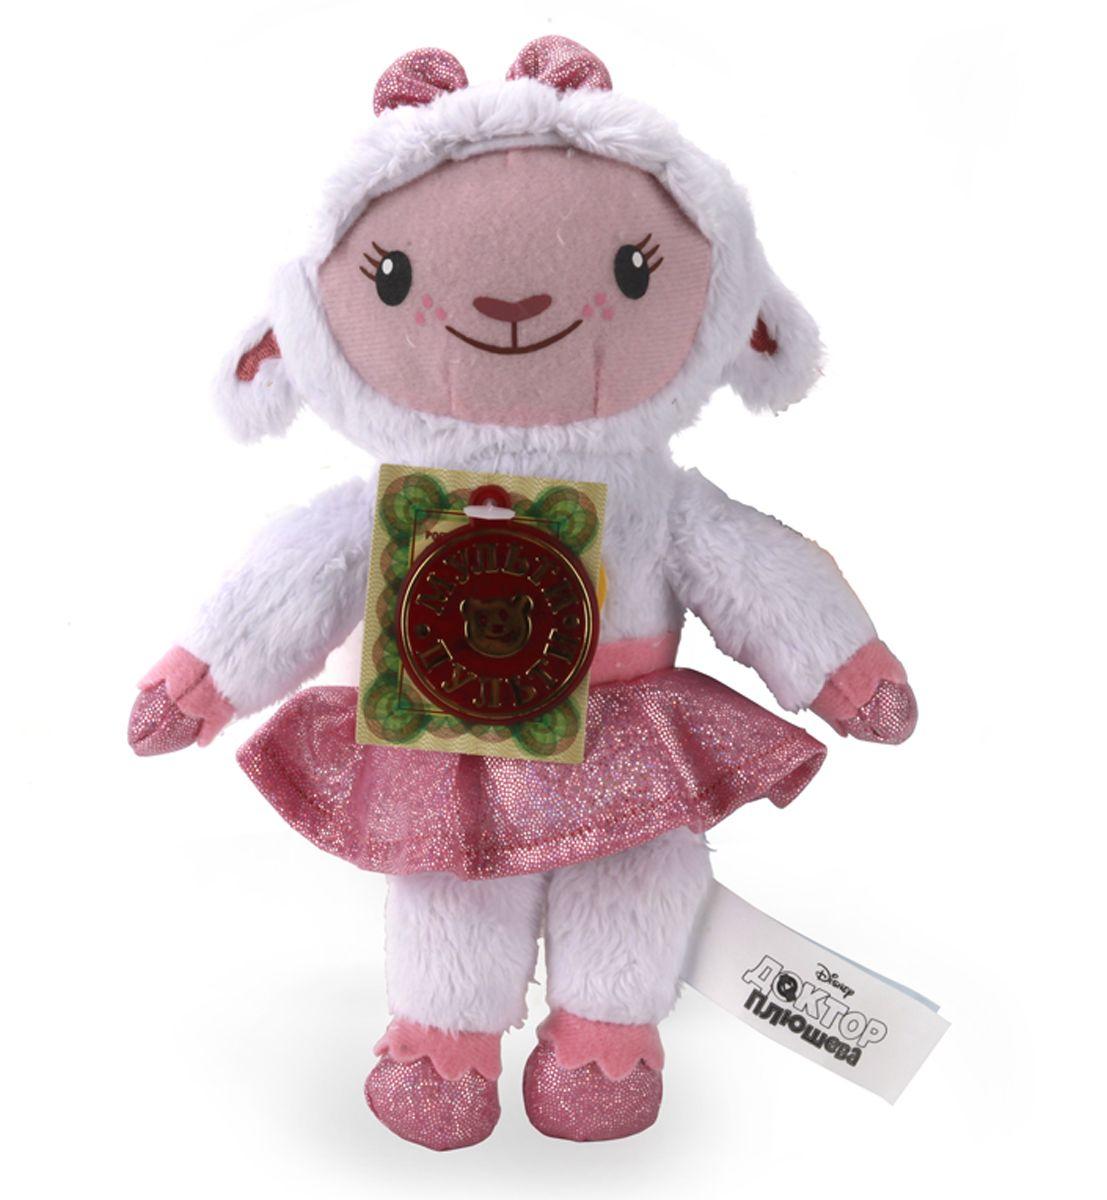 Мульти-Пульти Мягкая игрушка Доктор Плюшева ЛэммиV62038/18Мягкая игрушка сама по себе ассоциируется с радостью и весельем, конечно, и для наших детей такой подарок станет поистине незабываемым. Забавные, добрые мягкие игрушки радуют детей с самого рождения. Ведь уже в первые месяцы жизни ребенок проявляет интерес к плюшевым зверятам и необычным персонажам. Сначала они помогают ему познавать окружающий мир через тактильные ощущения, знакомят его с животным миром нашей планеты, формируют цветовосприятие и способствуют концентрации внимания.